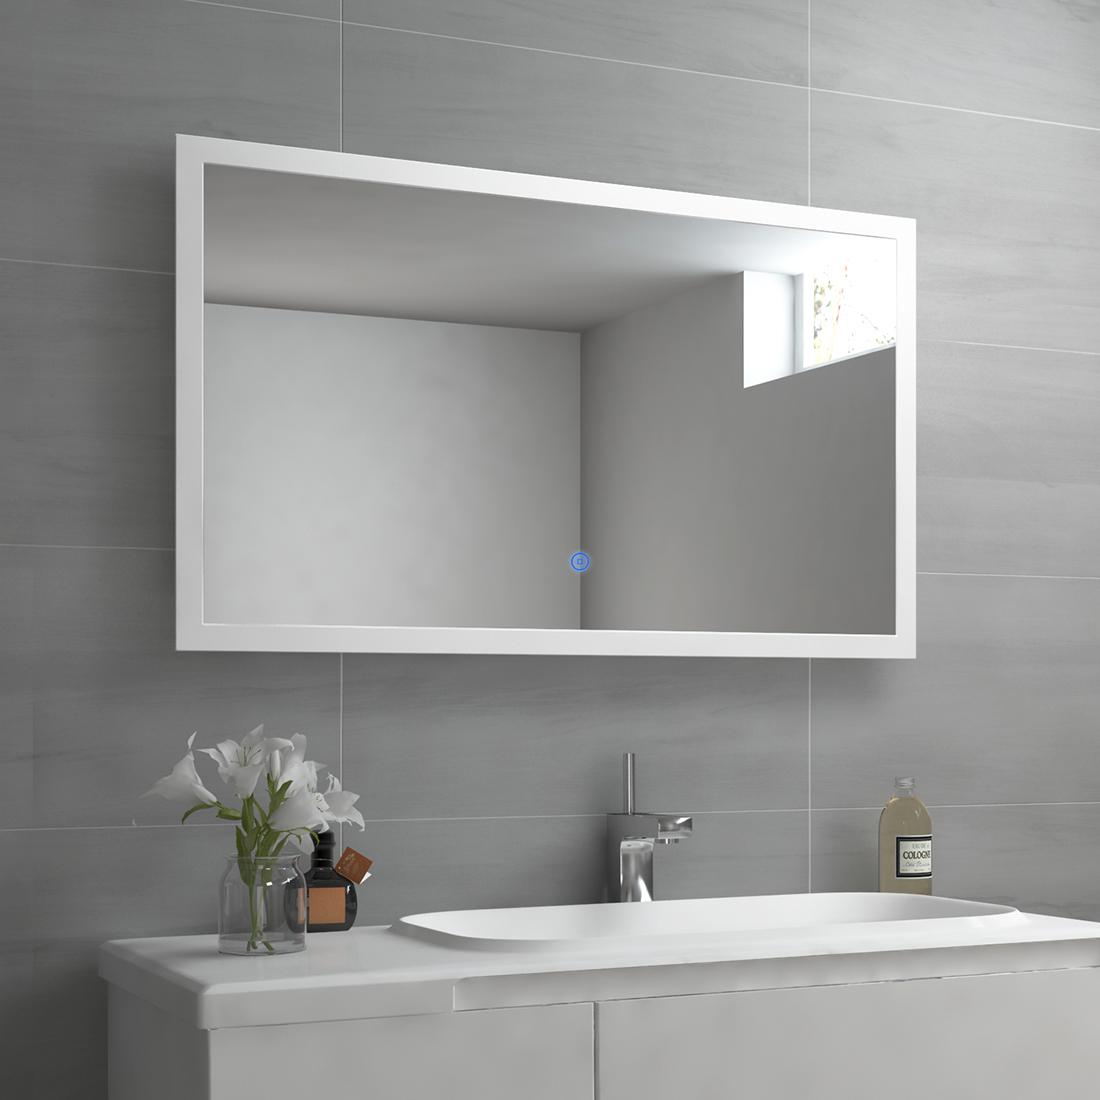 Lichtspiegel Badspiegel Led 80x60 60x80 Spiegel Badezimmerspiegel